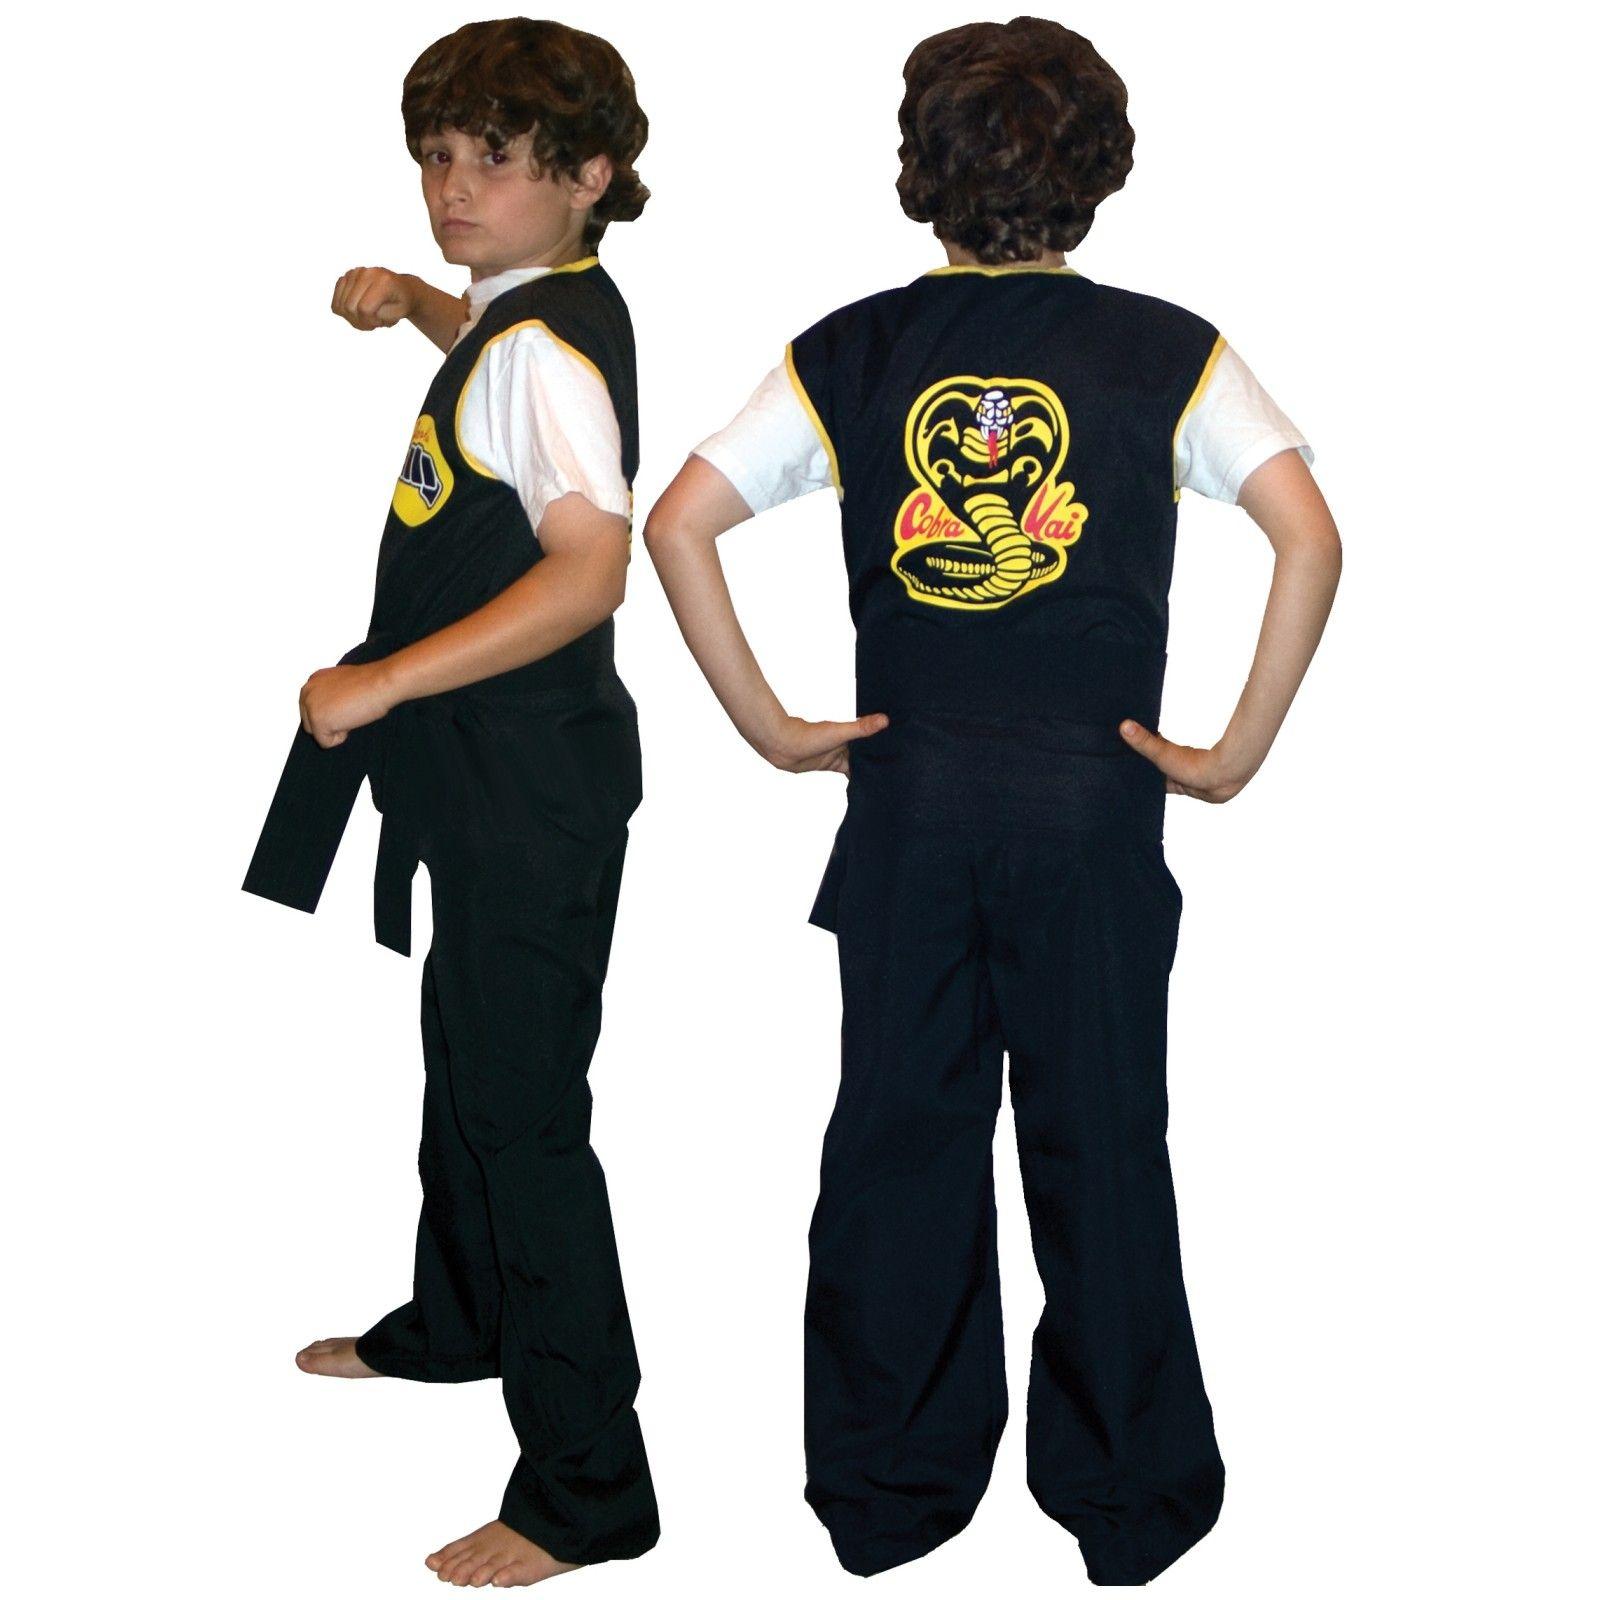 Cobra Kai Child Costume Ninja costume kids, Kids